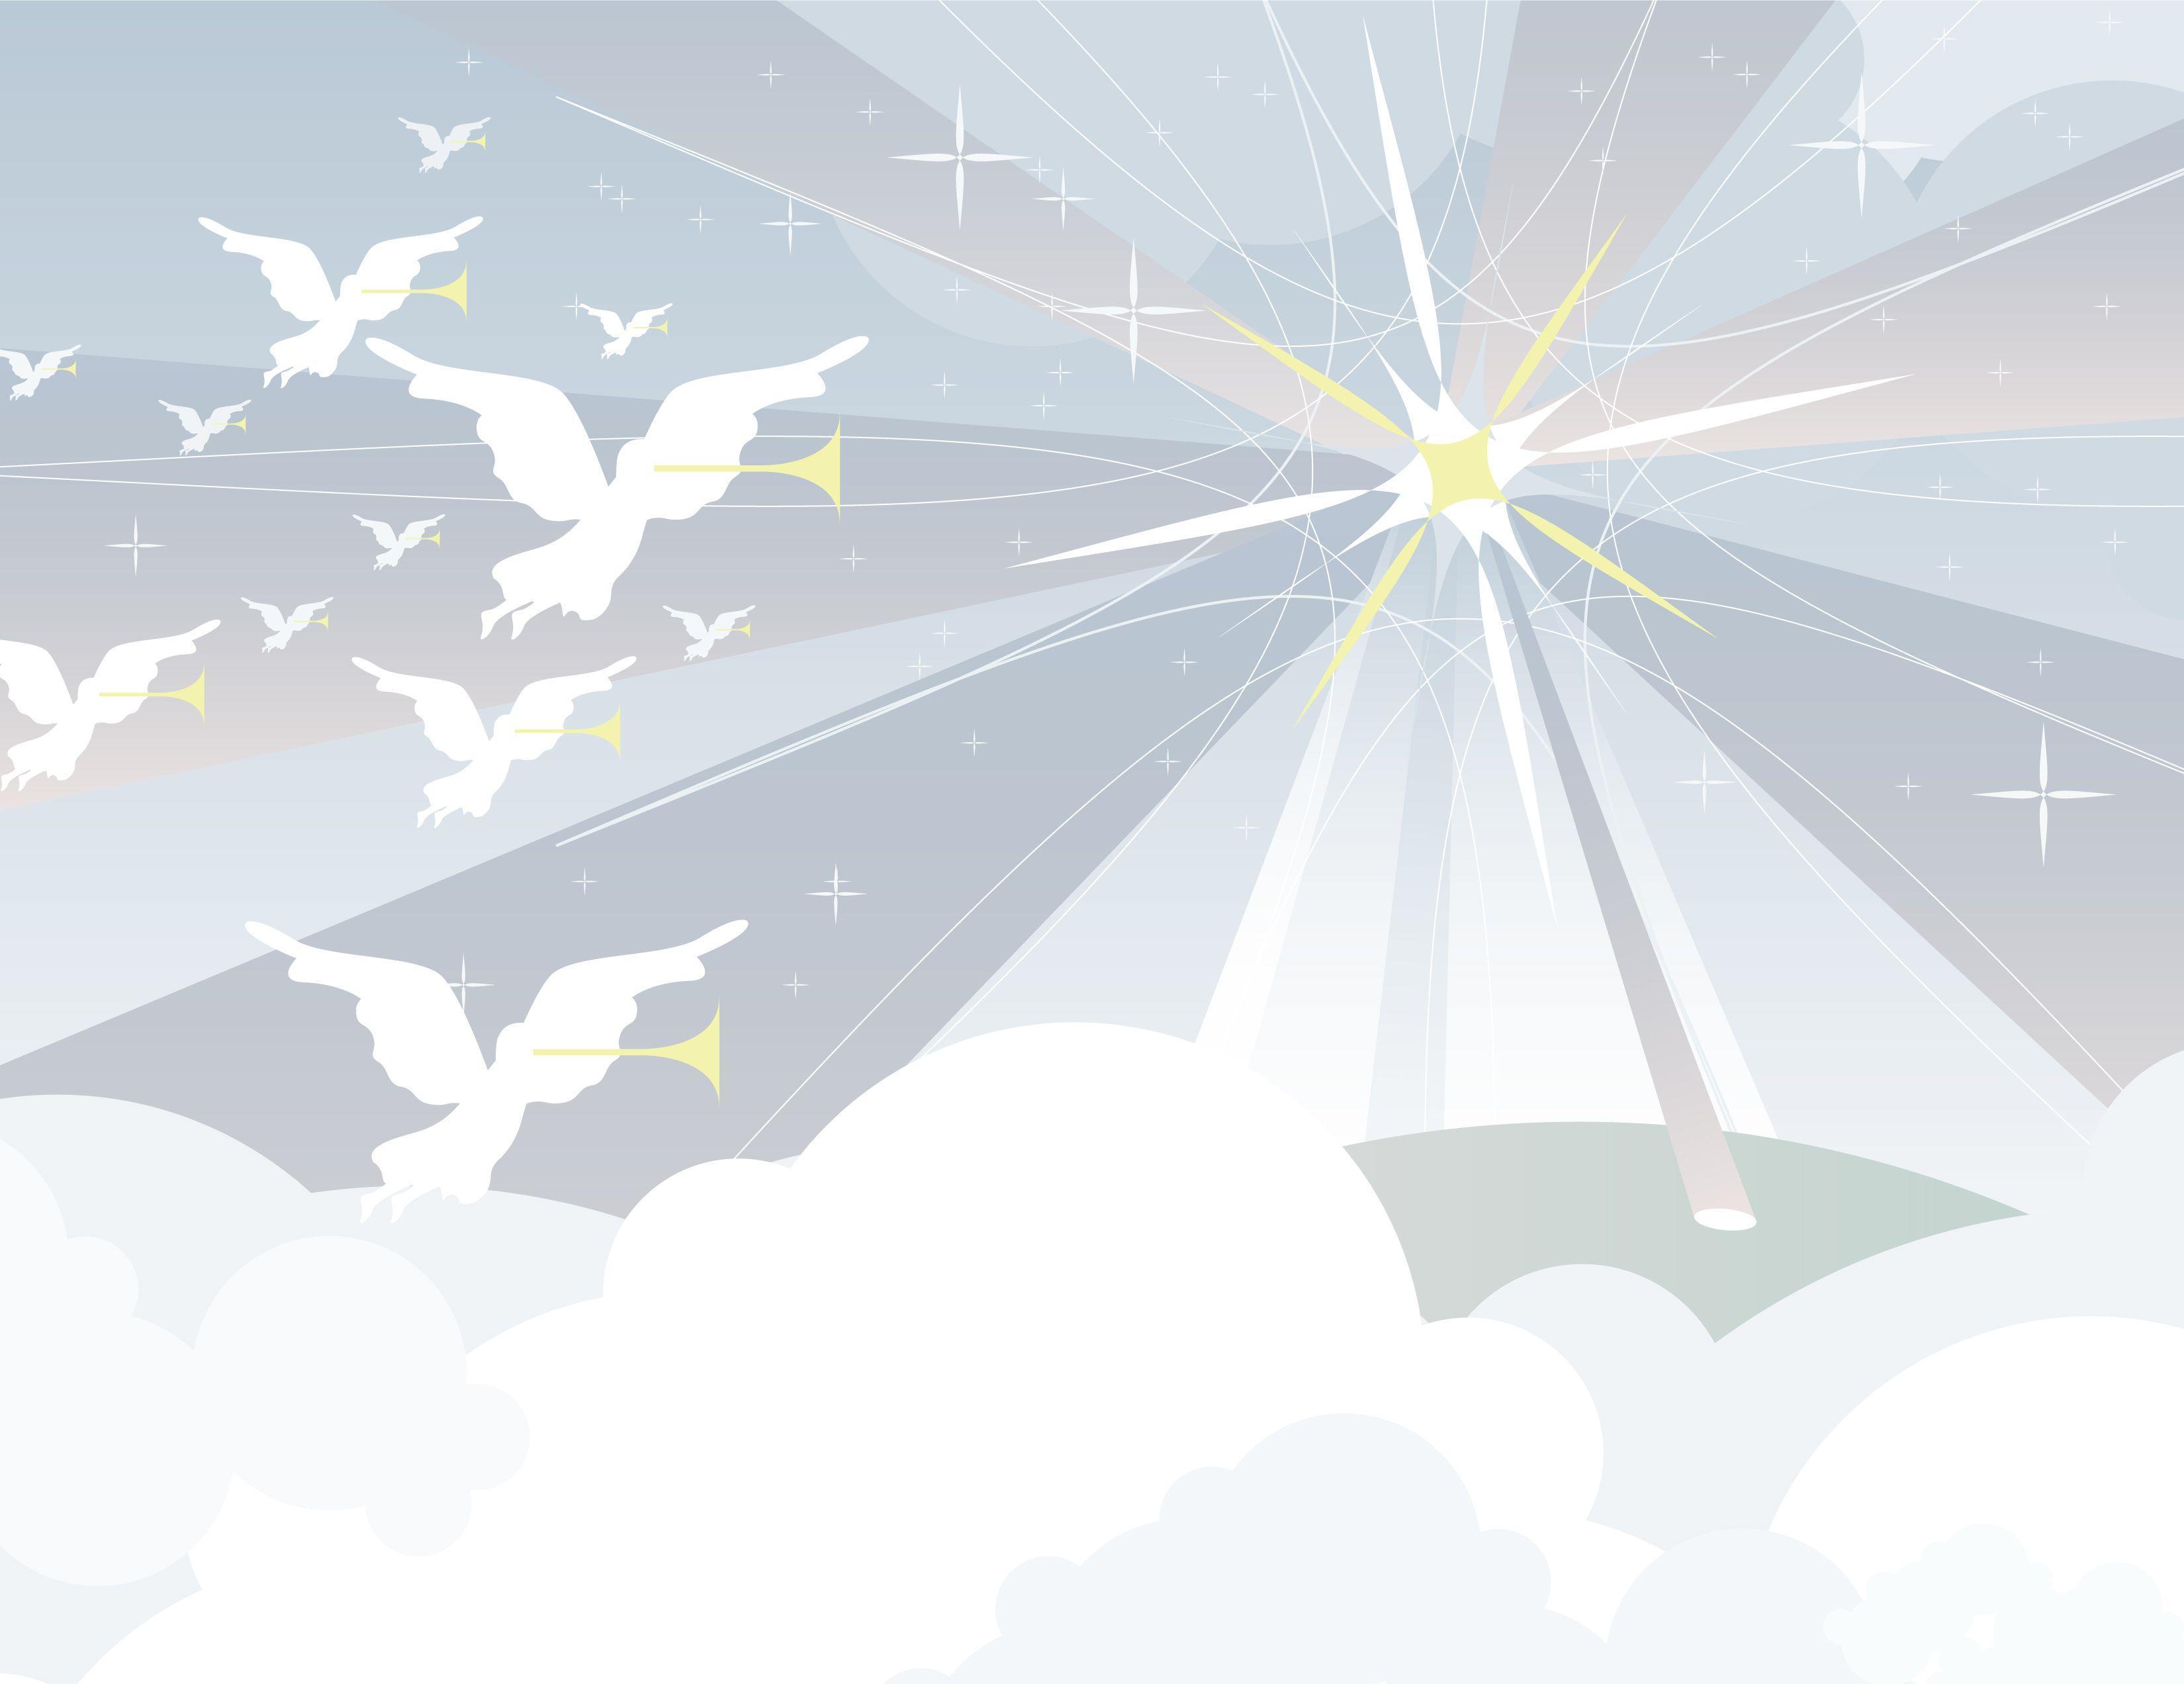 free obituary backgrounds